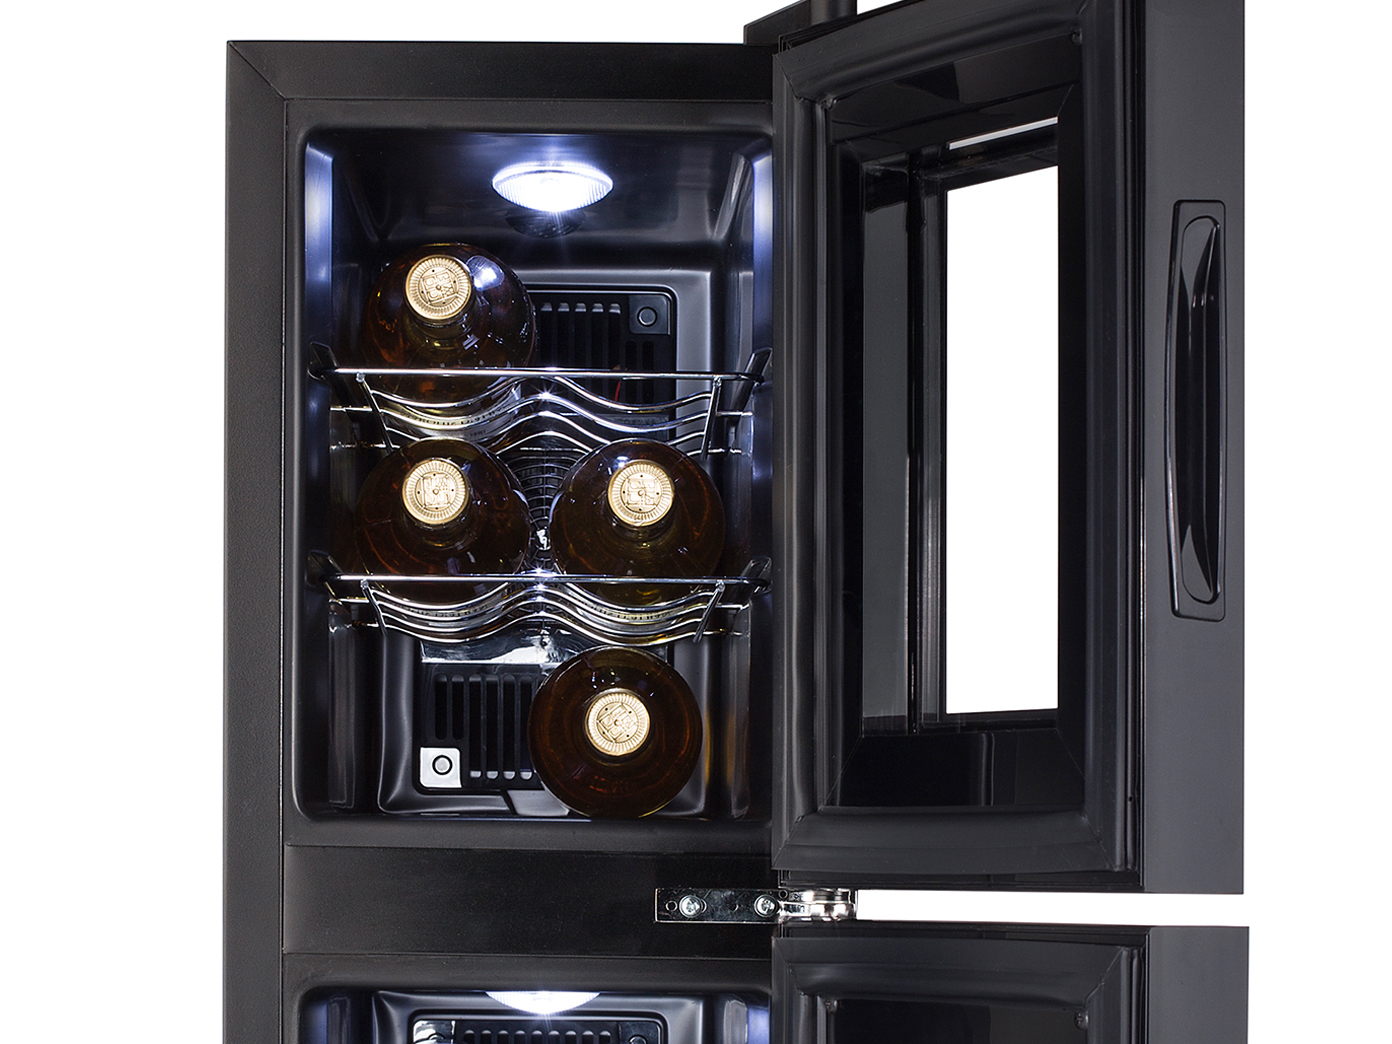 Weinkühlschrank 2 Zonen Für 12 Flaschen Weinklimaschrank  Weintemperierschrank 6 6 Von 6 Siehe Mehr